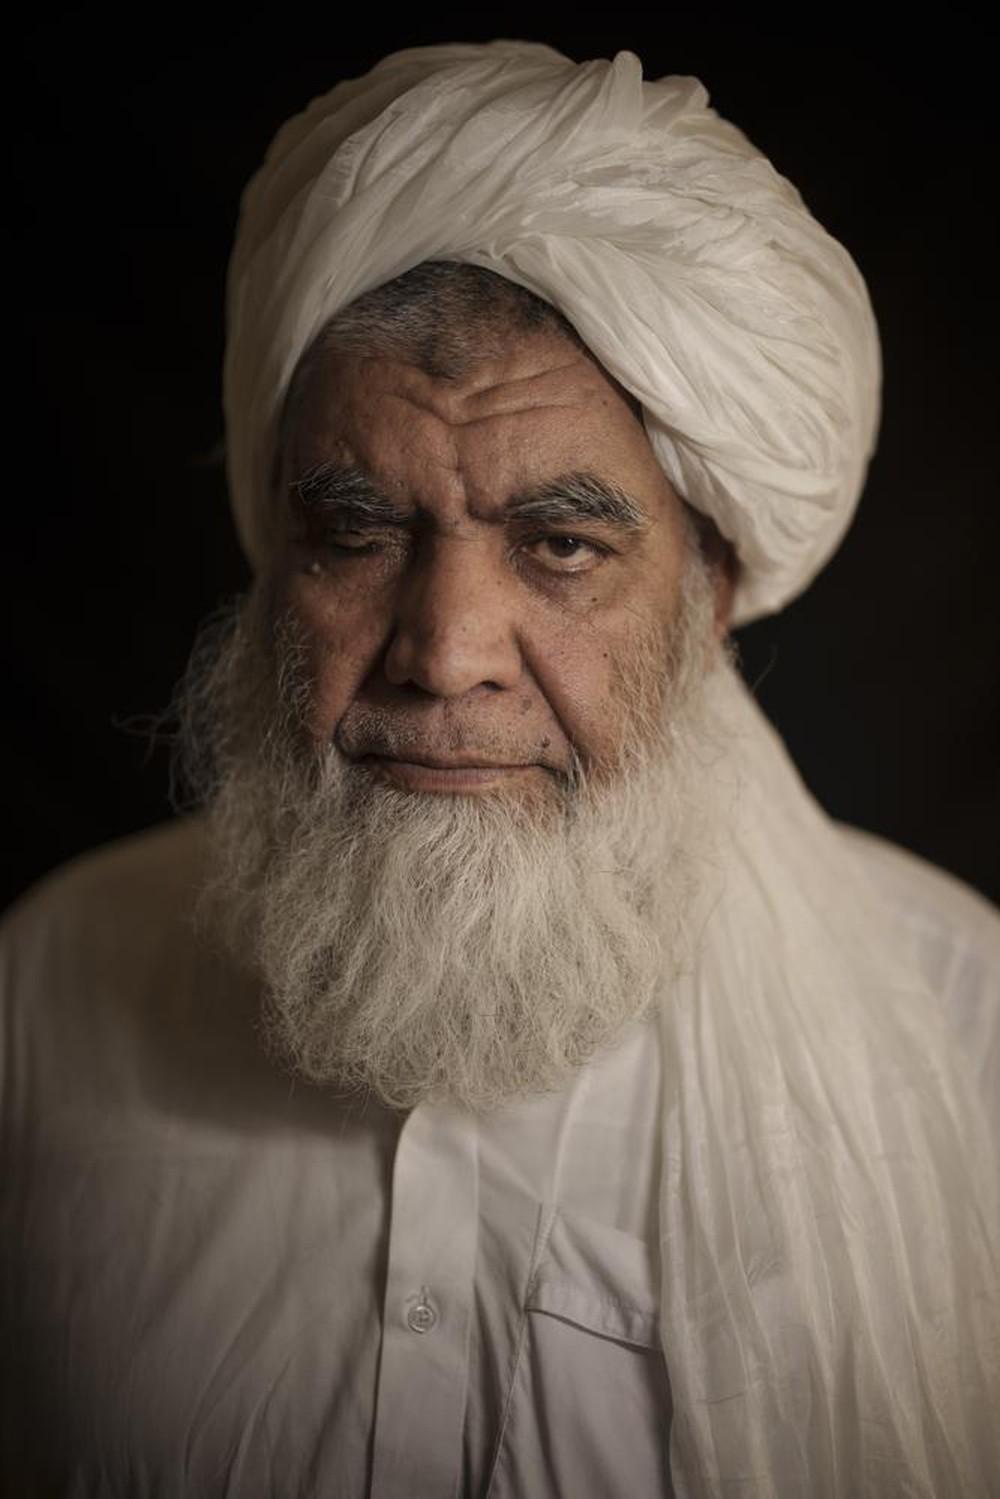 Bắn vỡ đầu, chặt tay chân để thị chúng: Taliban thản nhiên nói về hình phạt rùng rợn, ác mộng đã đến Afghanistan - Ảnh 2.